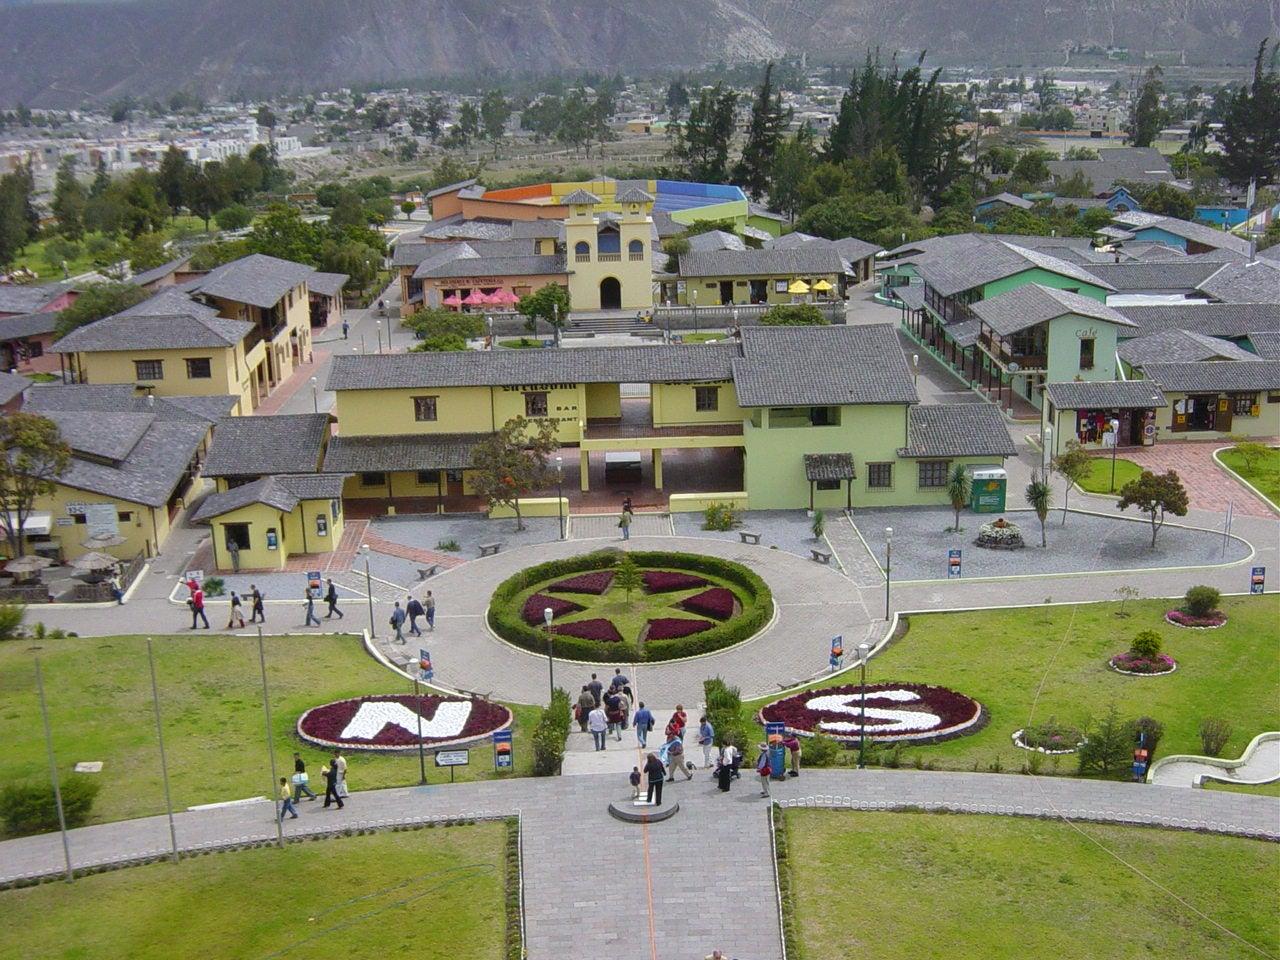 mitad del mundo cose da fare ecuador edreams blog di viaggi